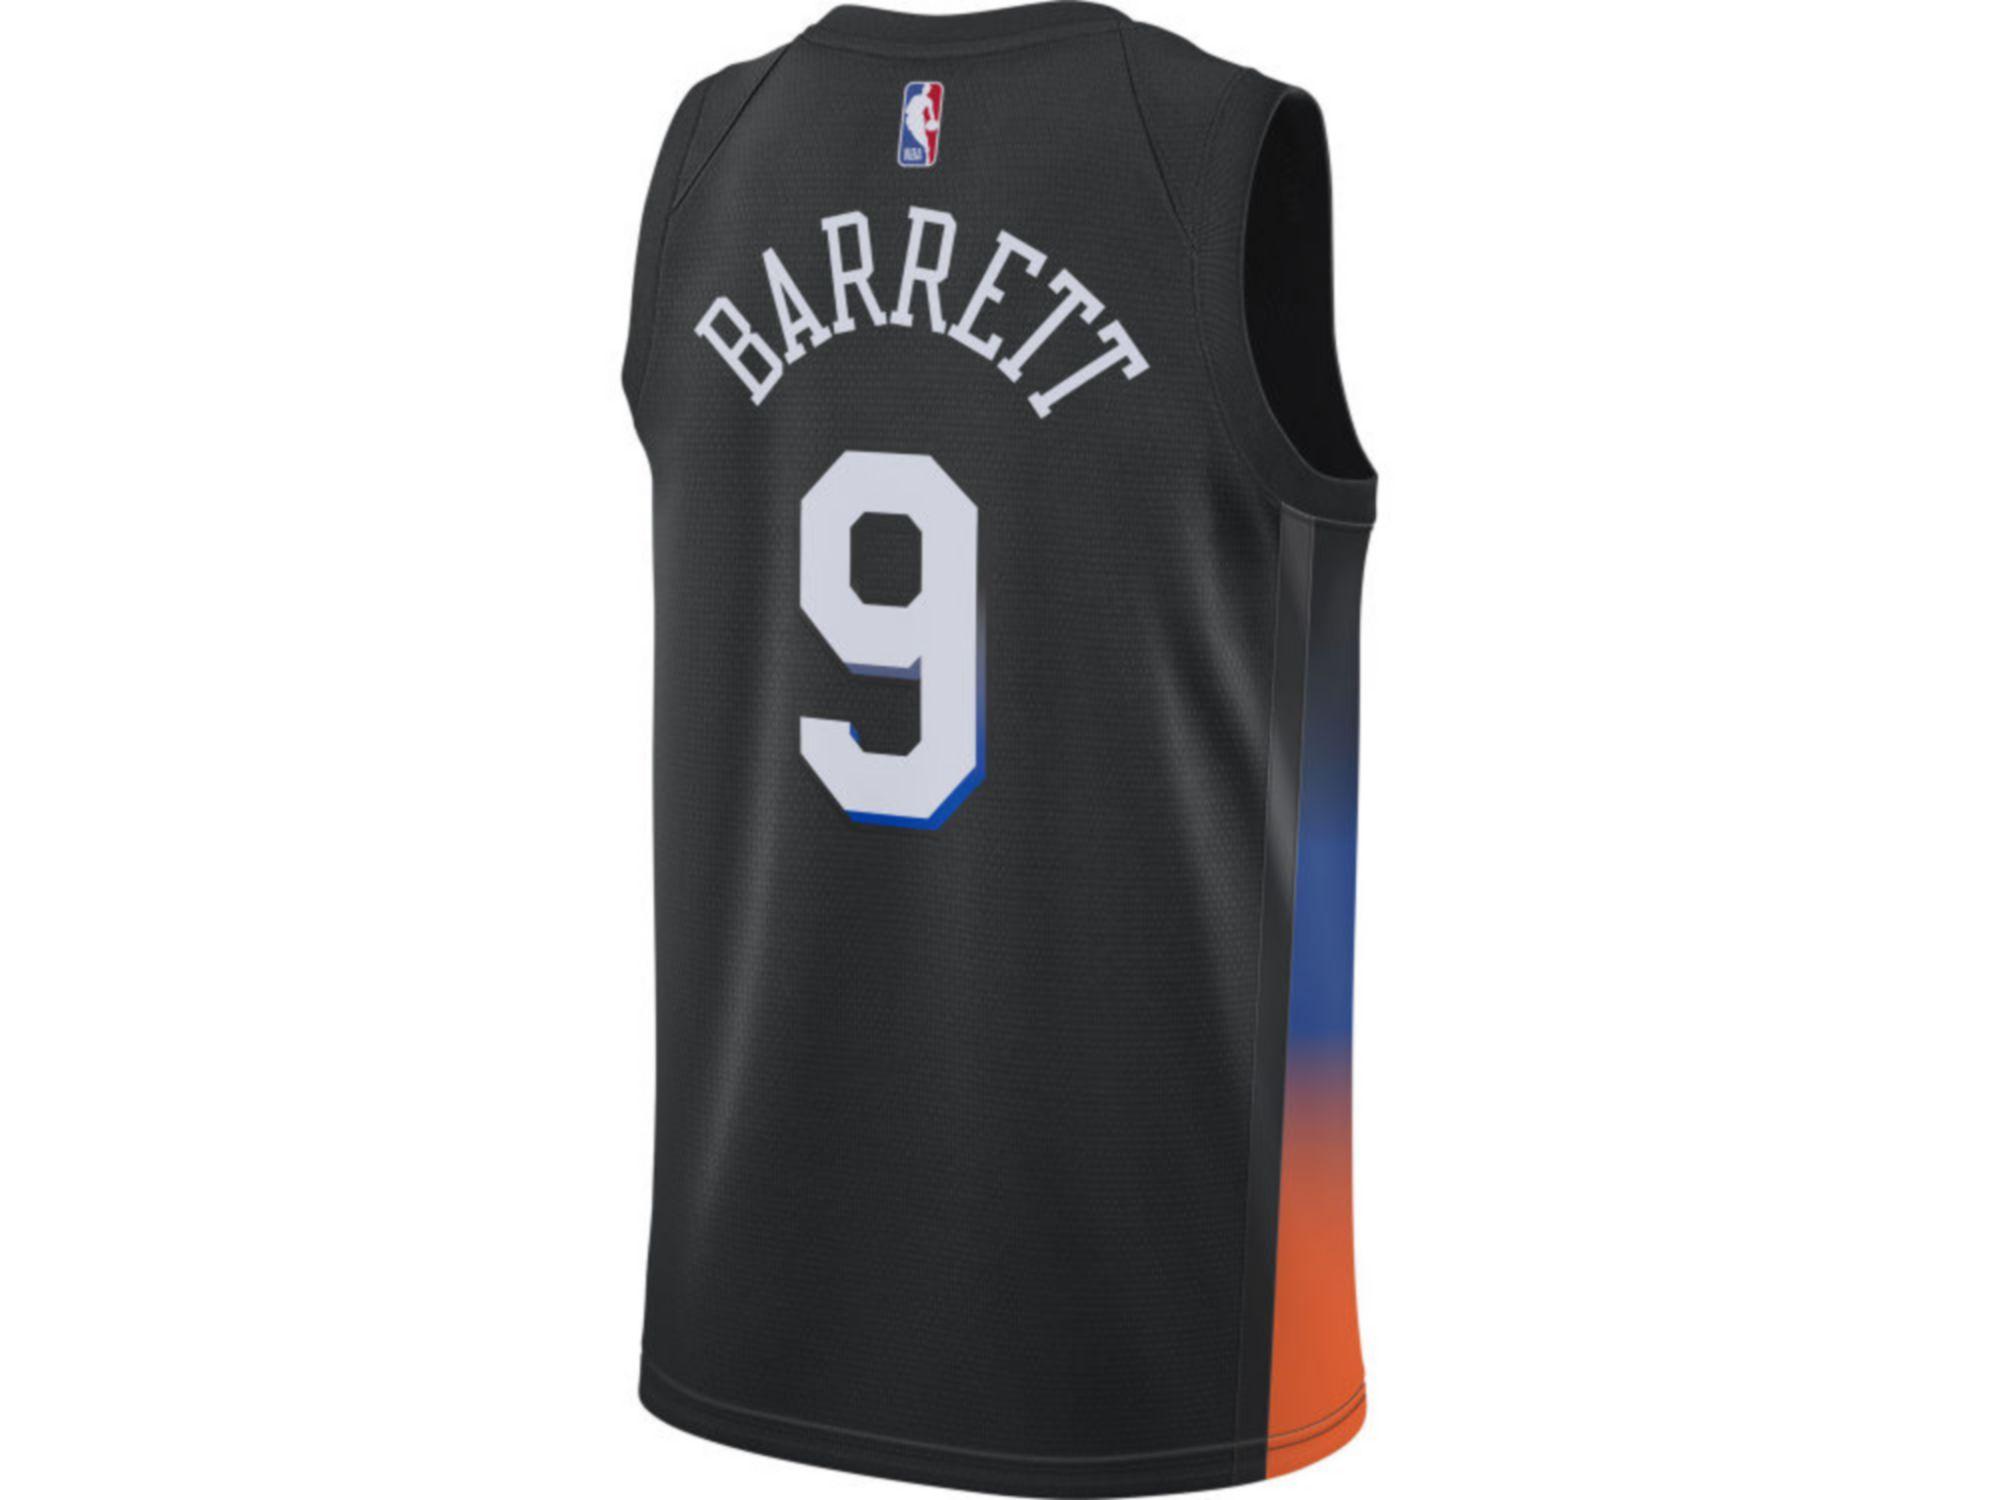 Nike New York Knicks Men's City Edition Swingman Jersey RJ Barrett & Reviews - NBA - Sports Fan Shop - Macy's